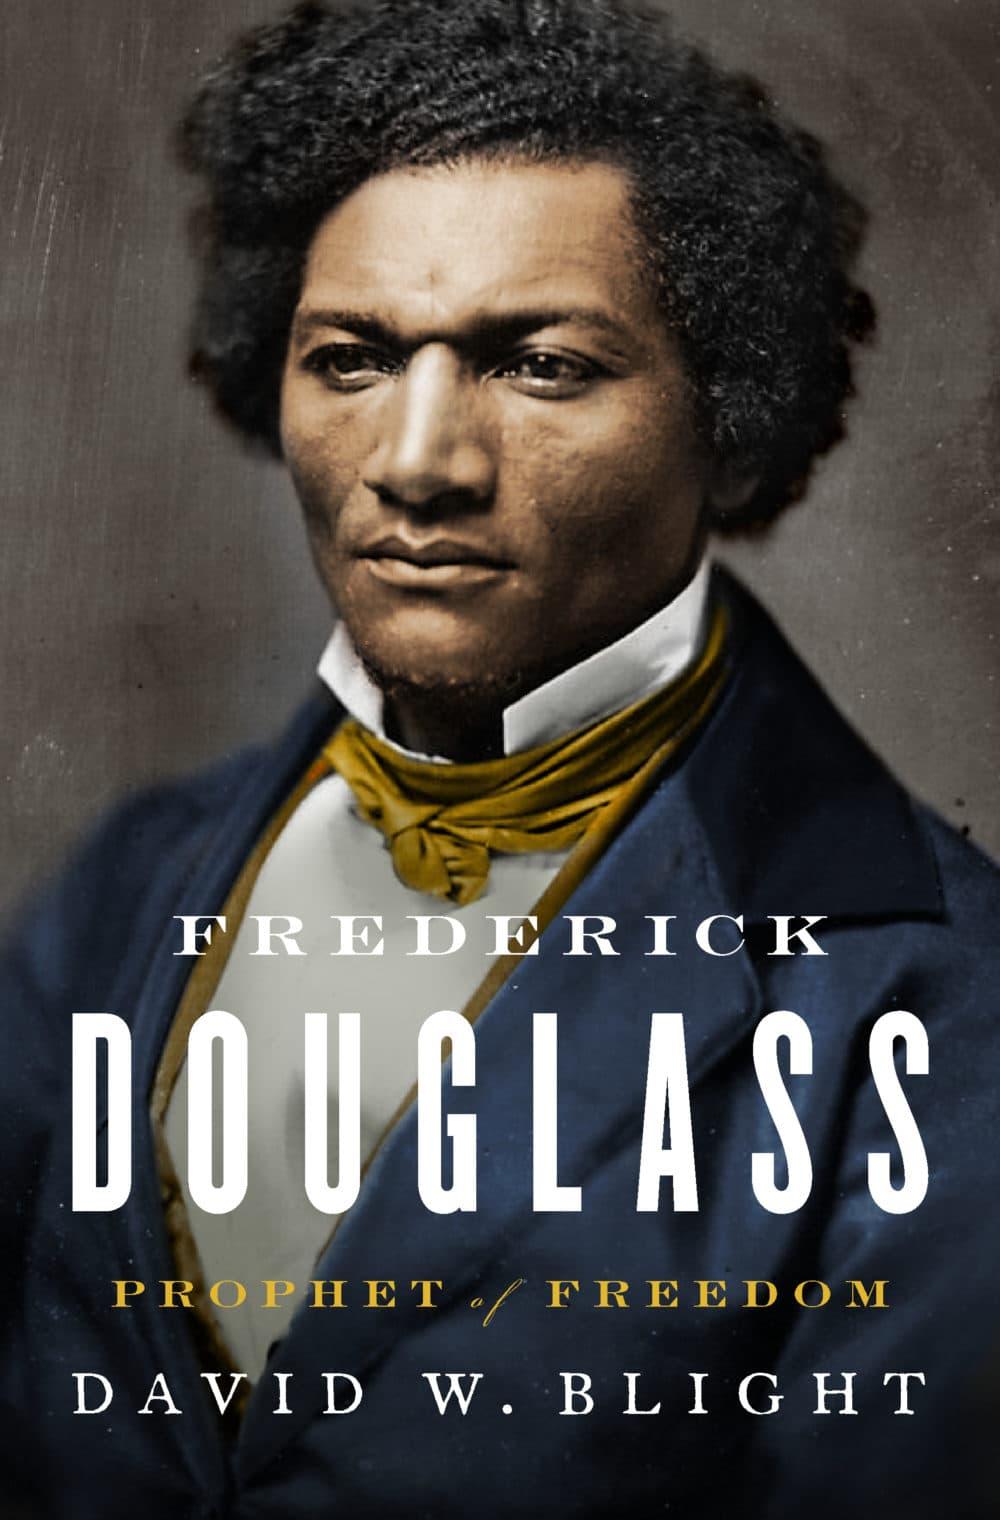 Frederick-Douglass_Blight-1000x1520.jpg (1000×1520)